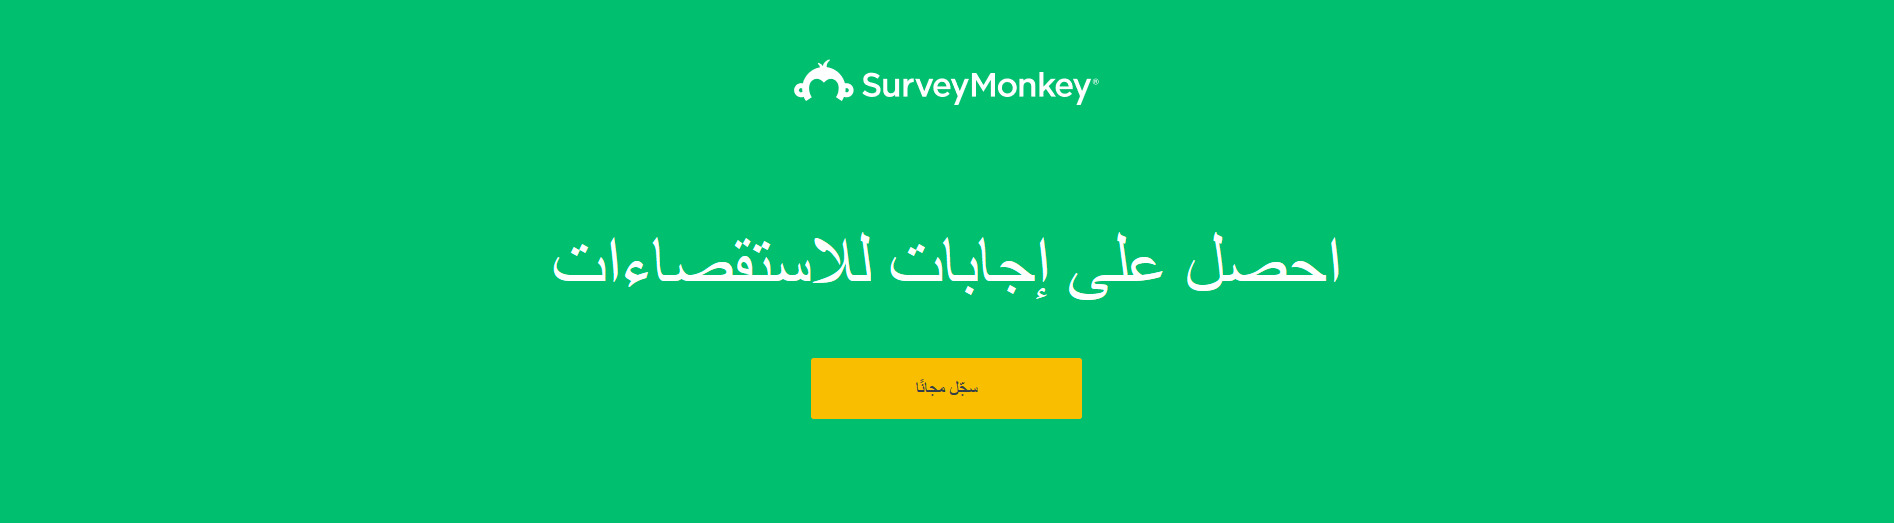 الاستقصاءات/استطلاعات الرأي Surveys